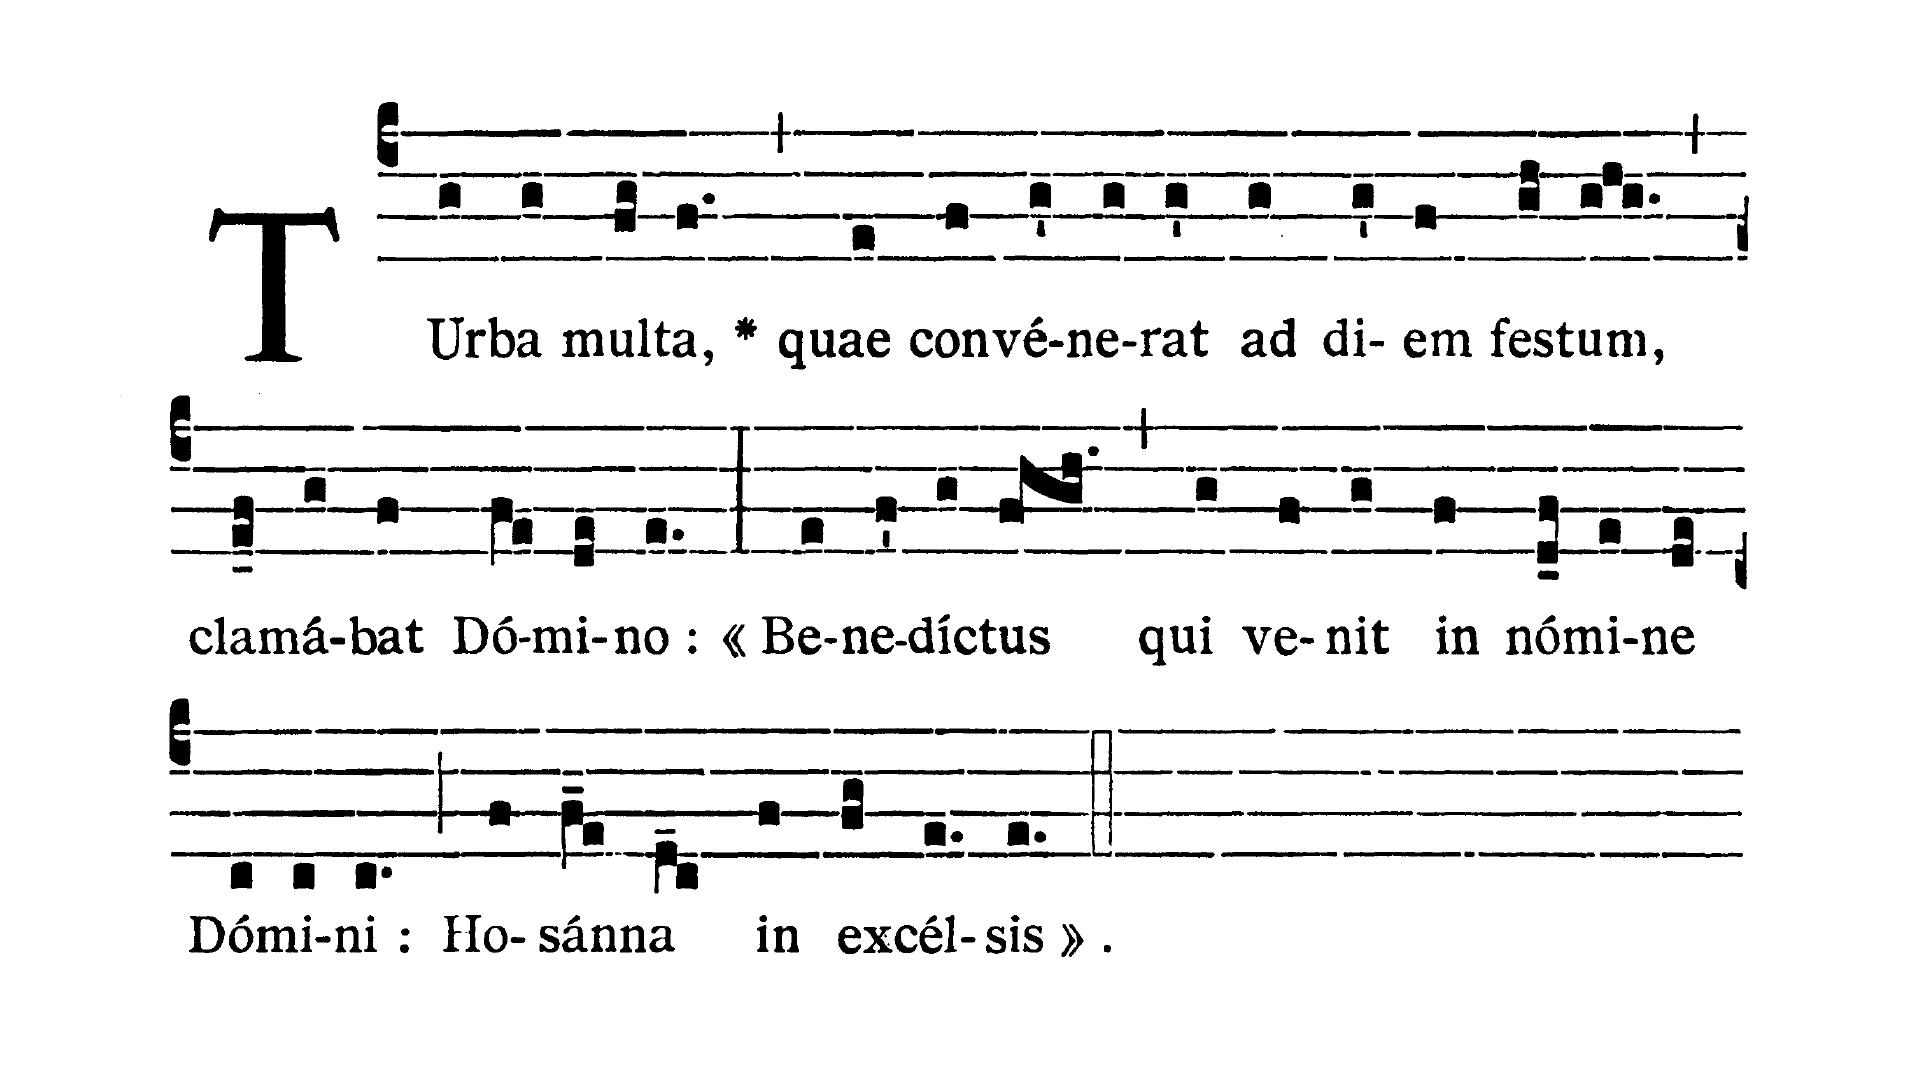 Dominica II in Passionis seu in Palmis (II Niedziela Męki Pańskiej lub Palmowa) - Antiphona (Turba multa)